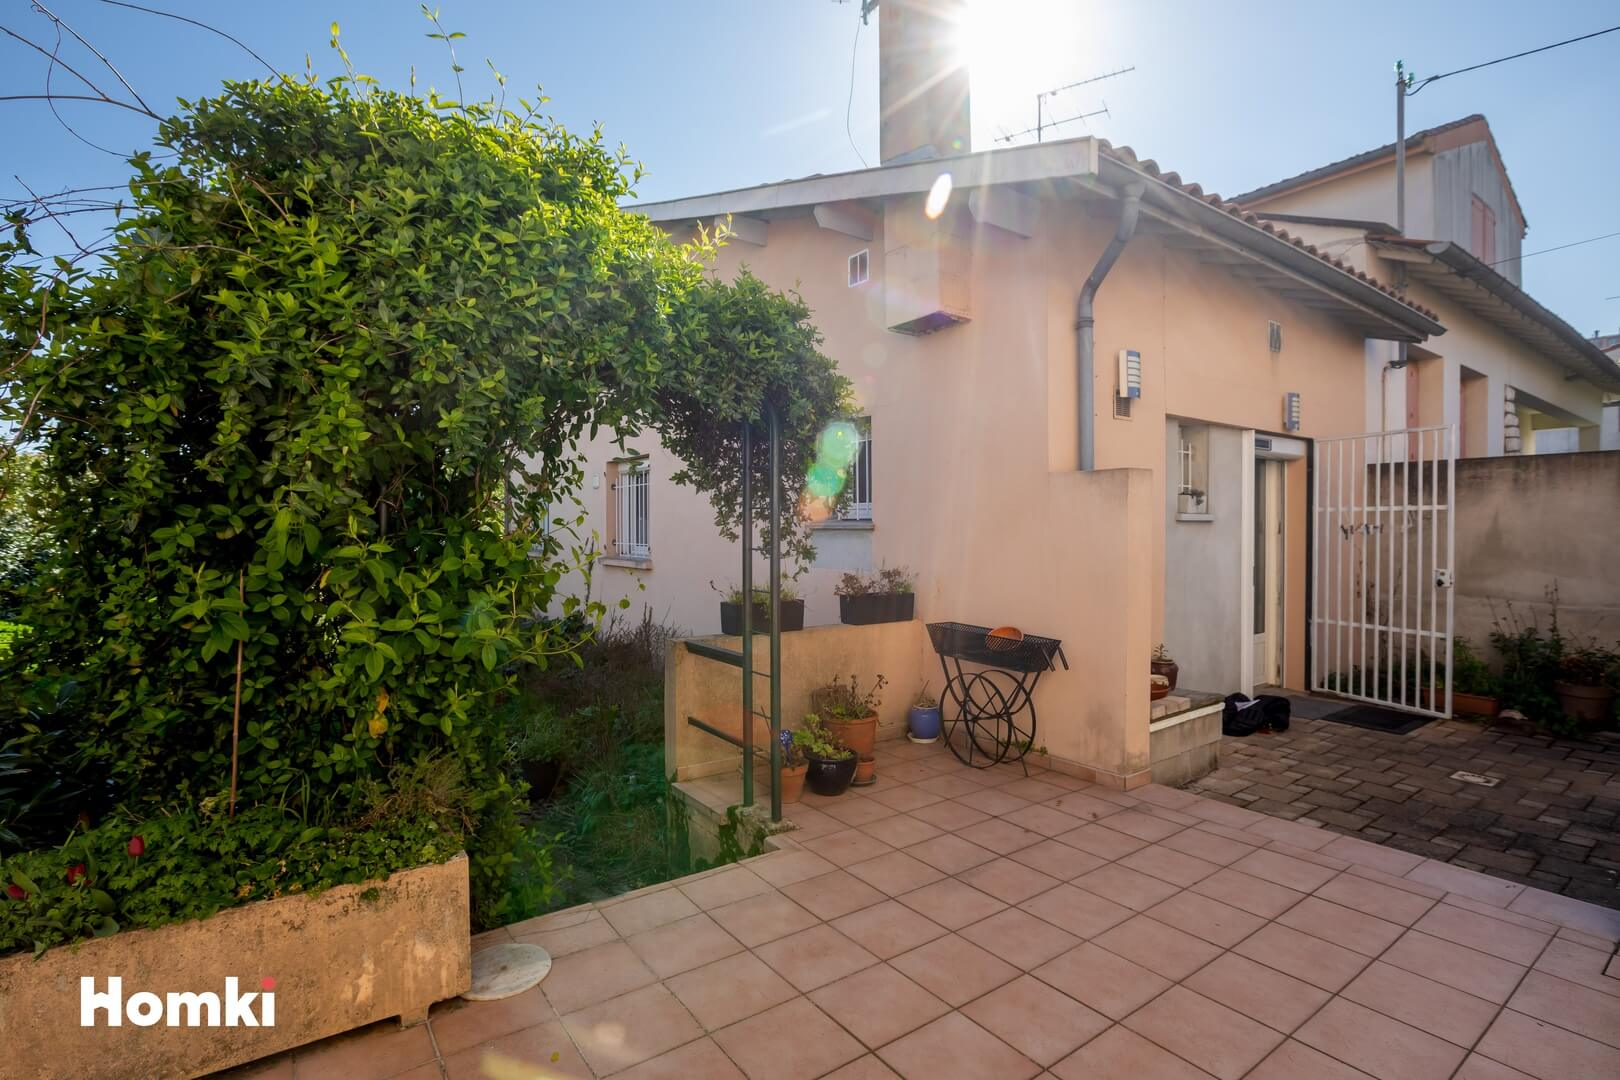 Homki - Vente Maison/villa  de 140.0 m² à Toulouse 31100